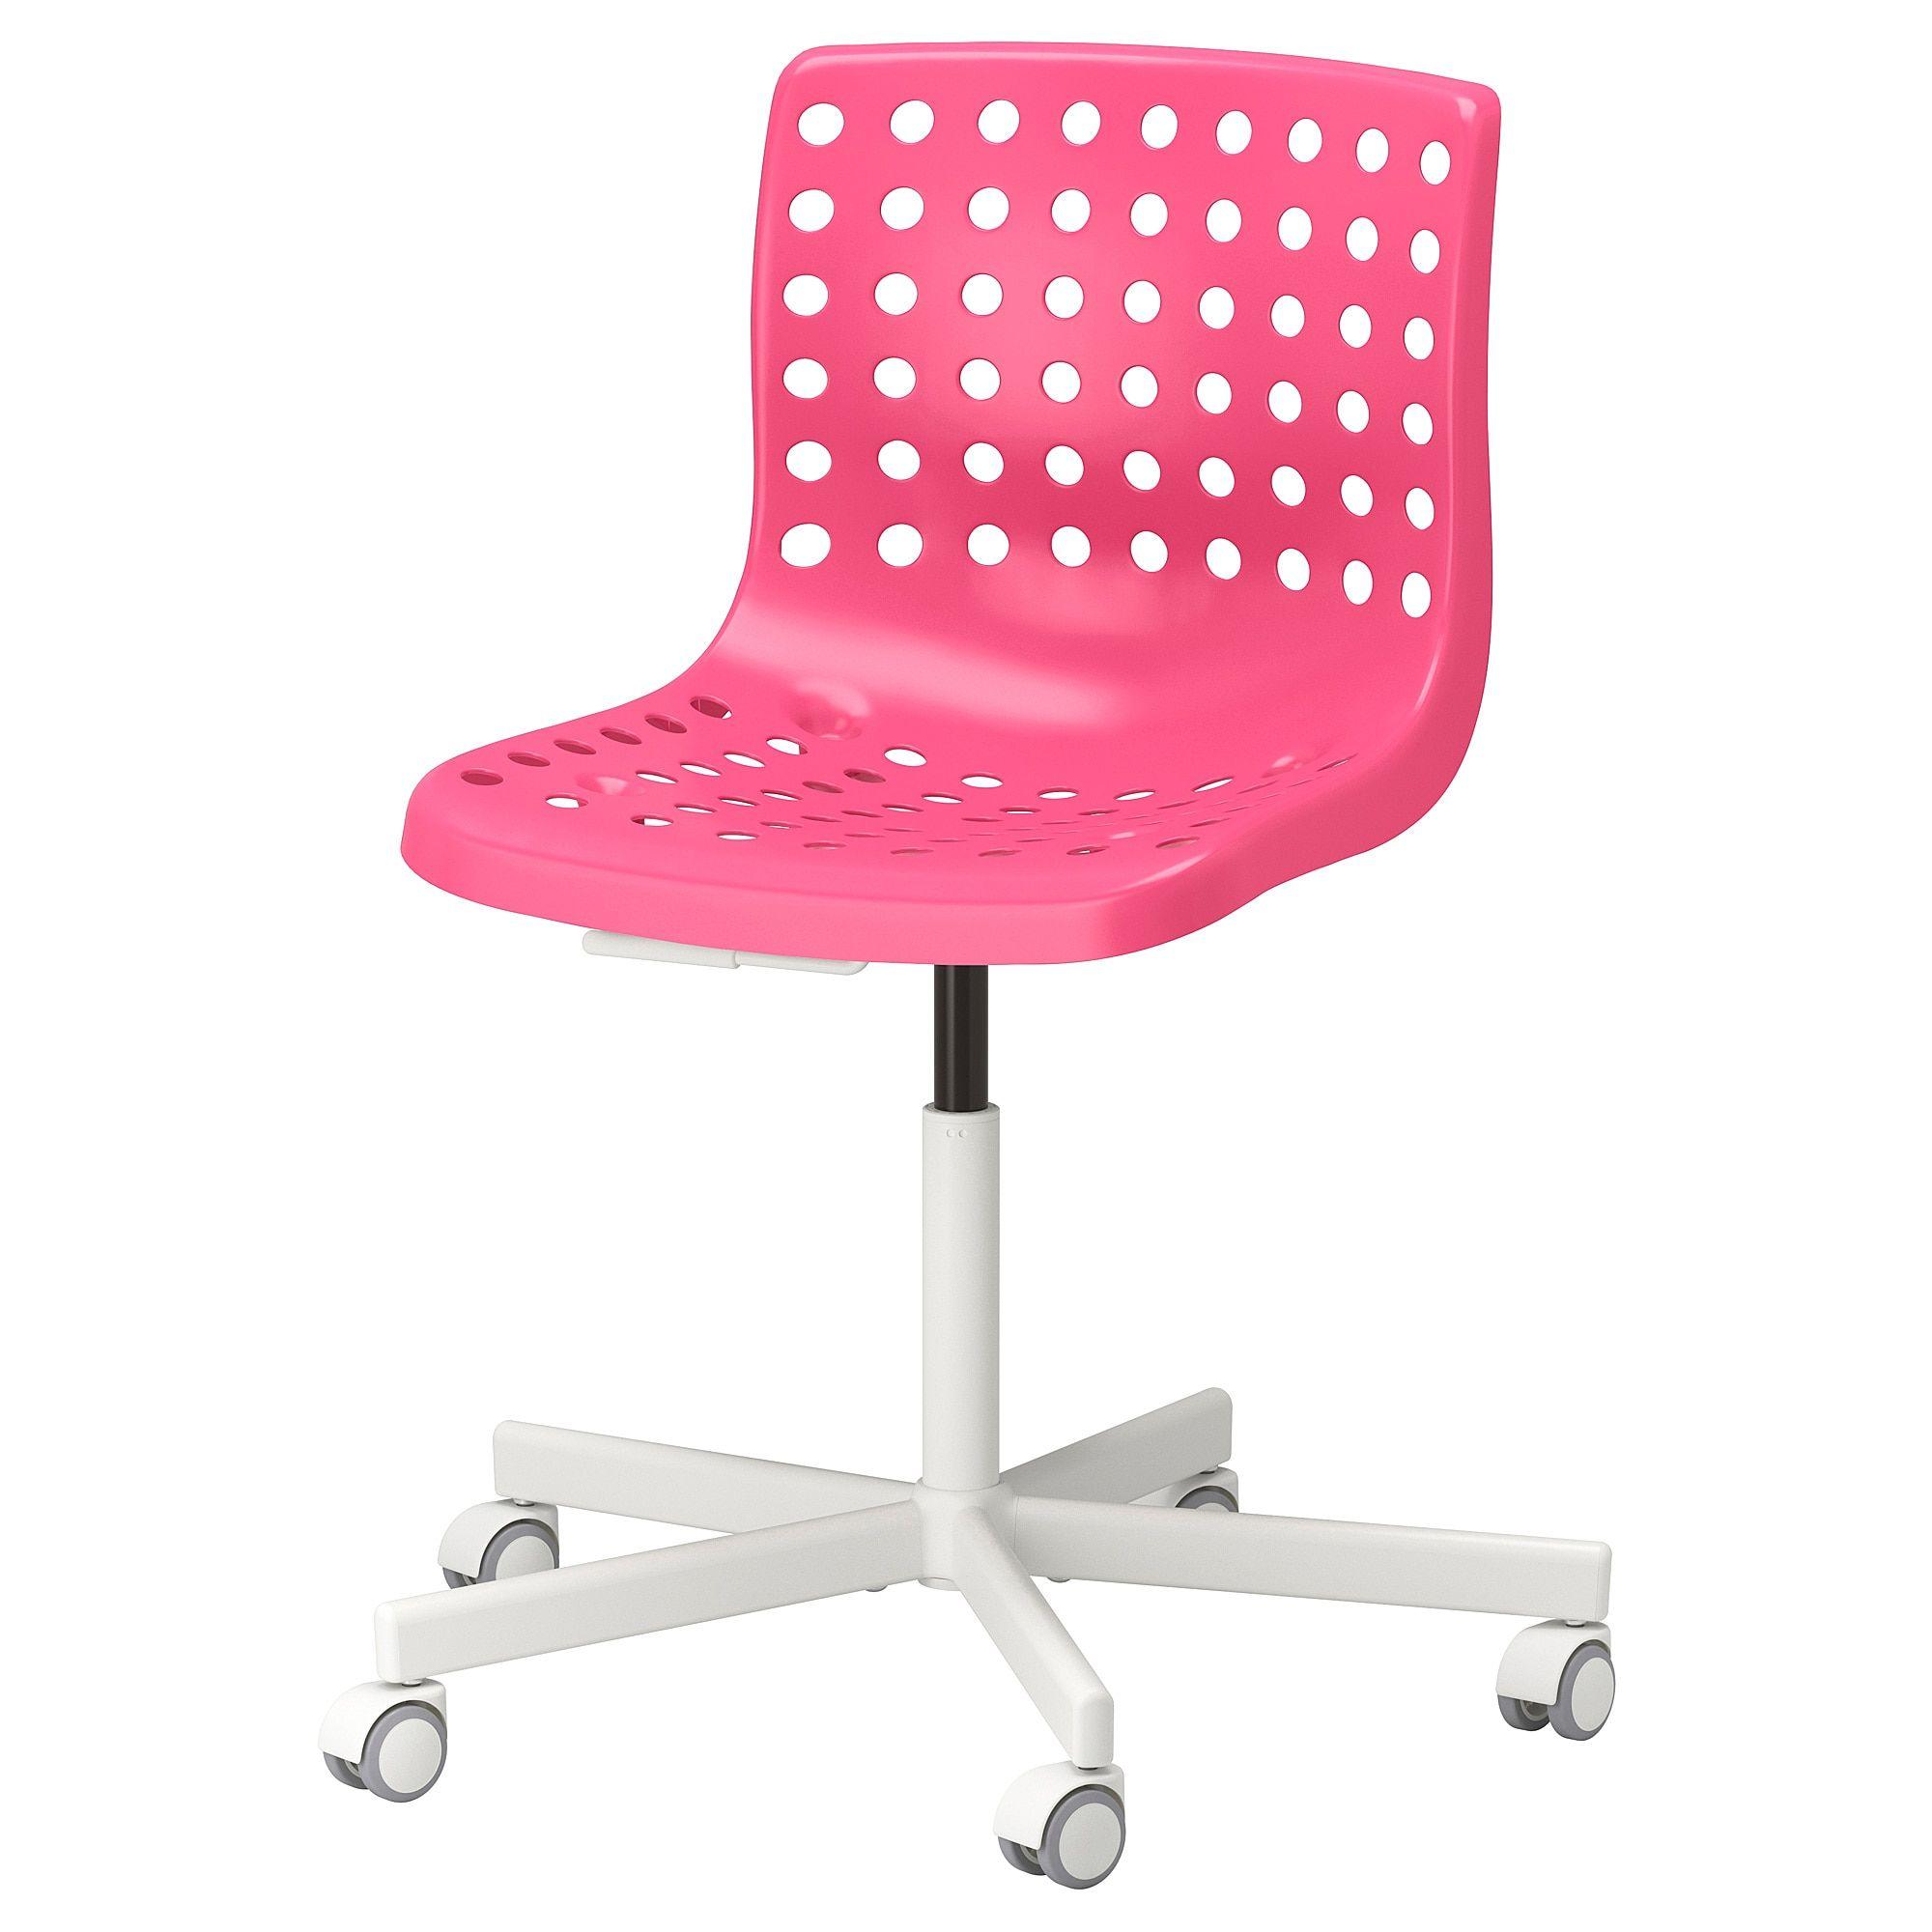 Skalberg Sporren Swivel Chair Pink White Ikea Swivel Chair Ikea White Swivel Chairs